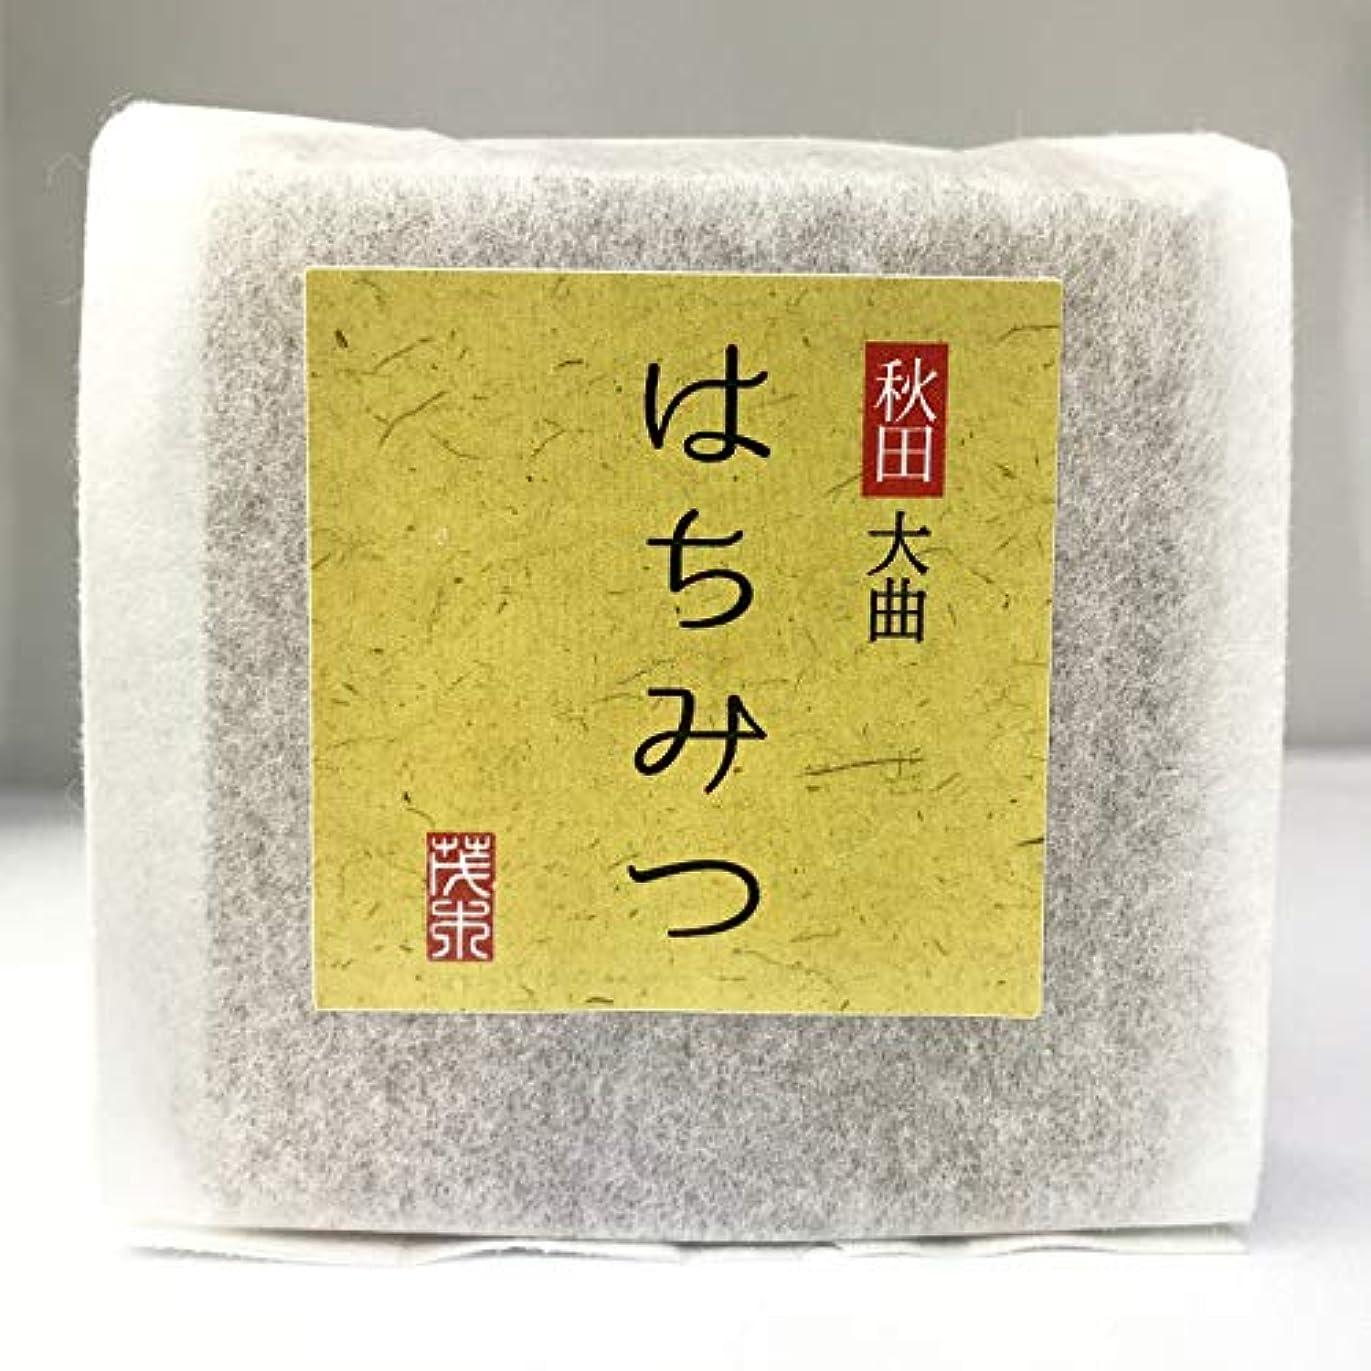 外国人無効にする上向き無添加石鹸 はちみつ石鹸 100g